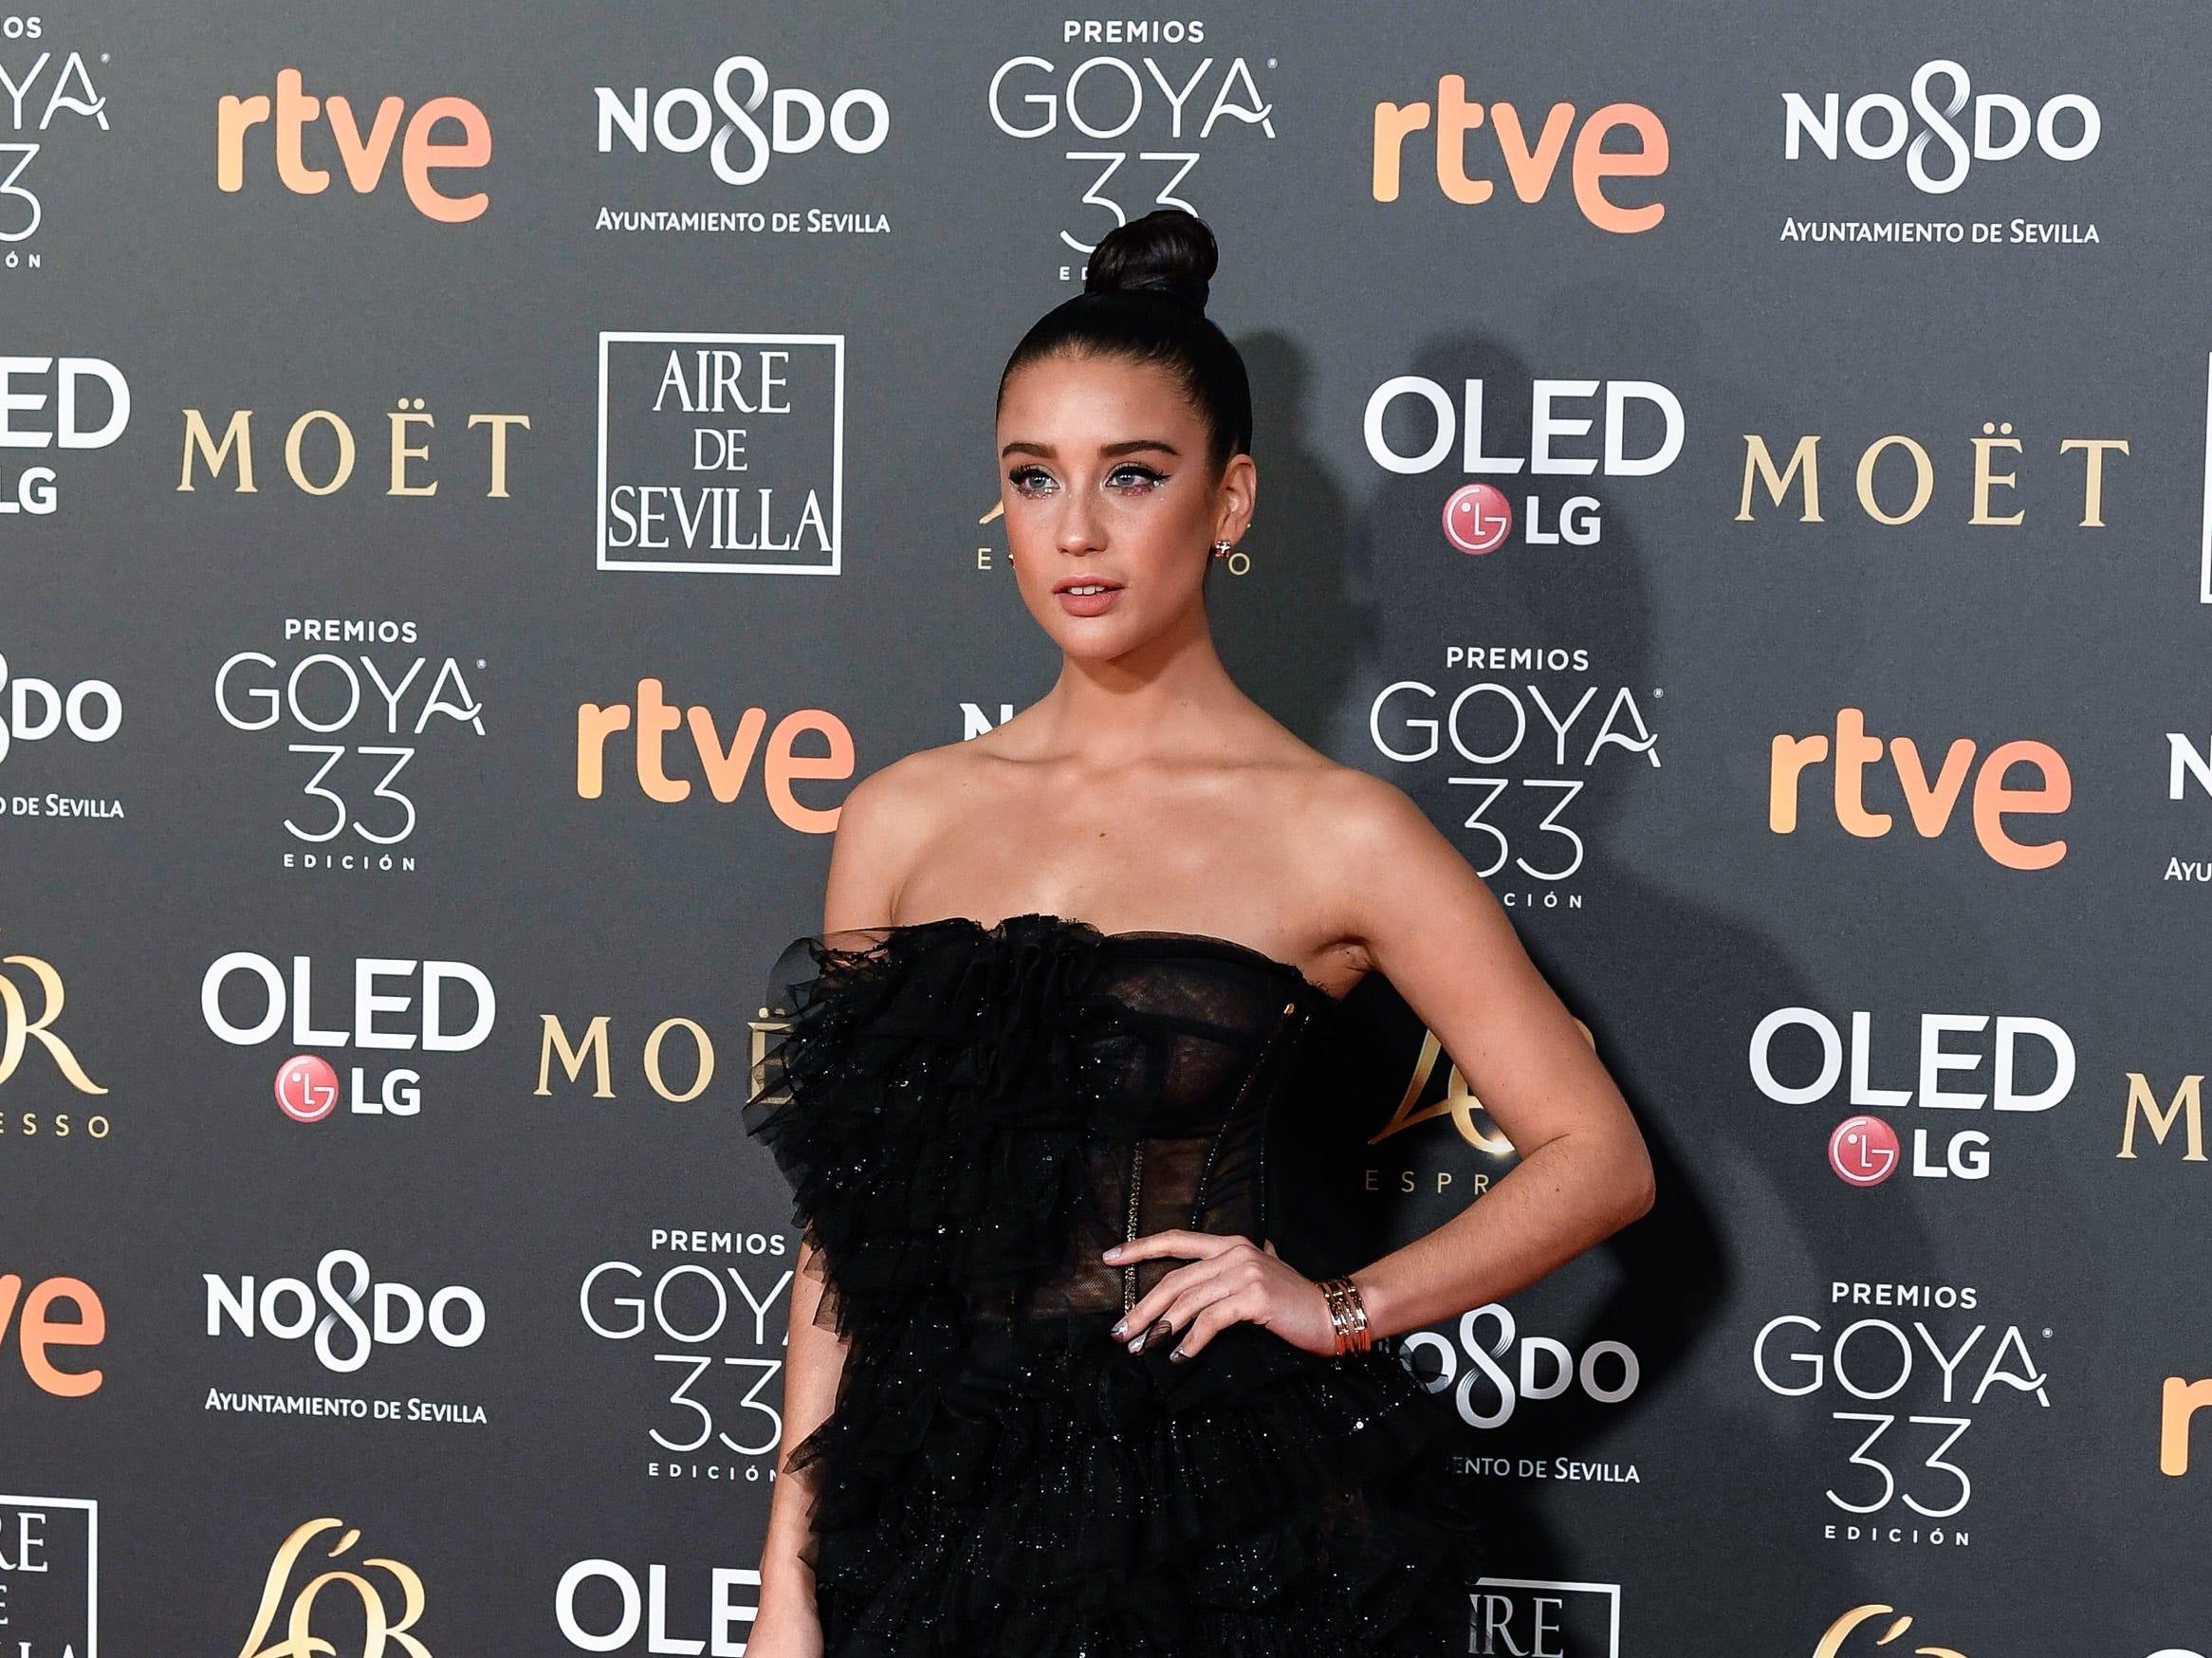 María Pedraza asiste a la 33ª edición de los Premios de Cine Goya en el Palacio de Congresos y Exposiciones FIBES el 2 de febrero de 2019 en Sevilla, España.